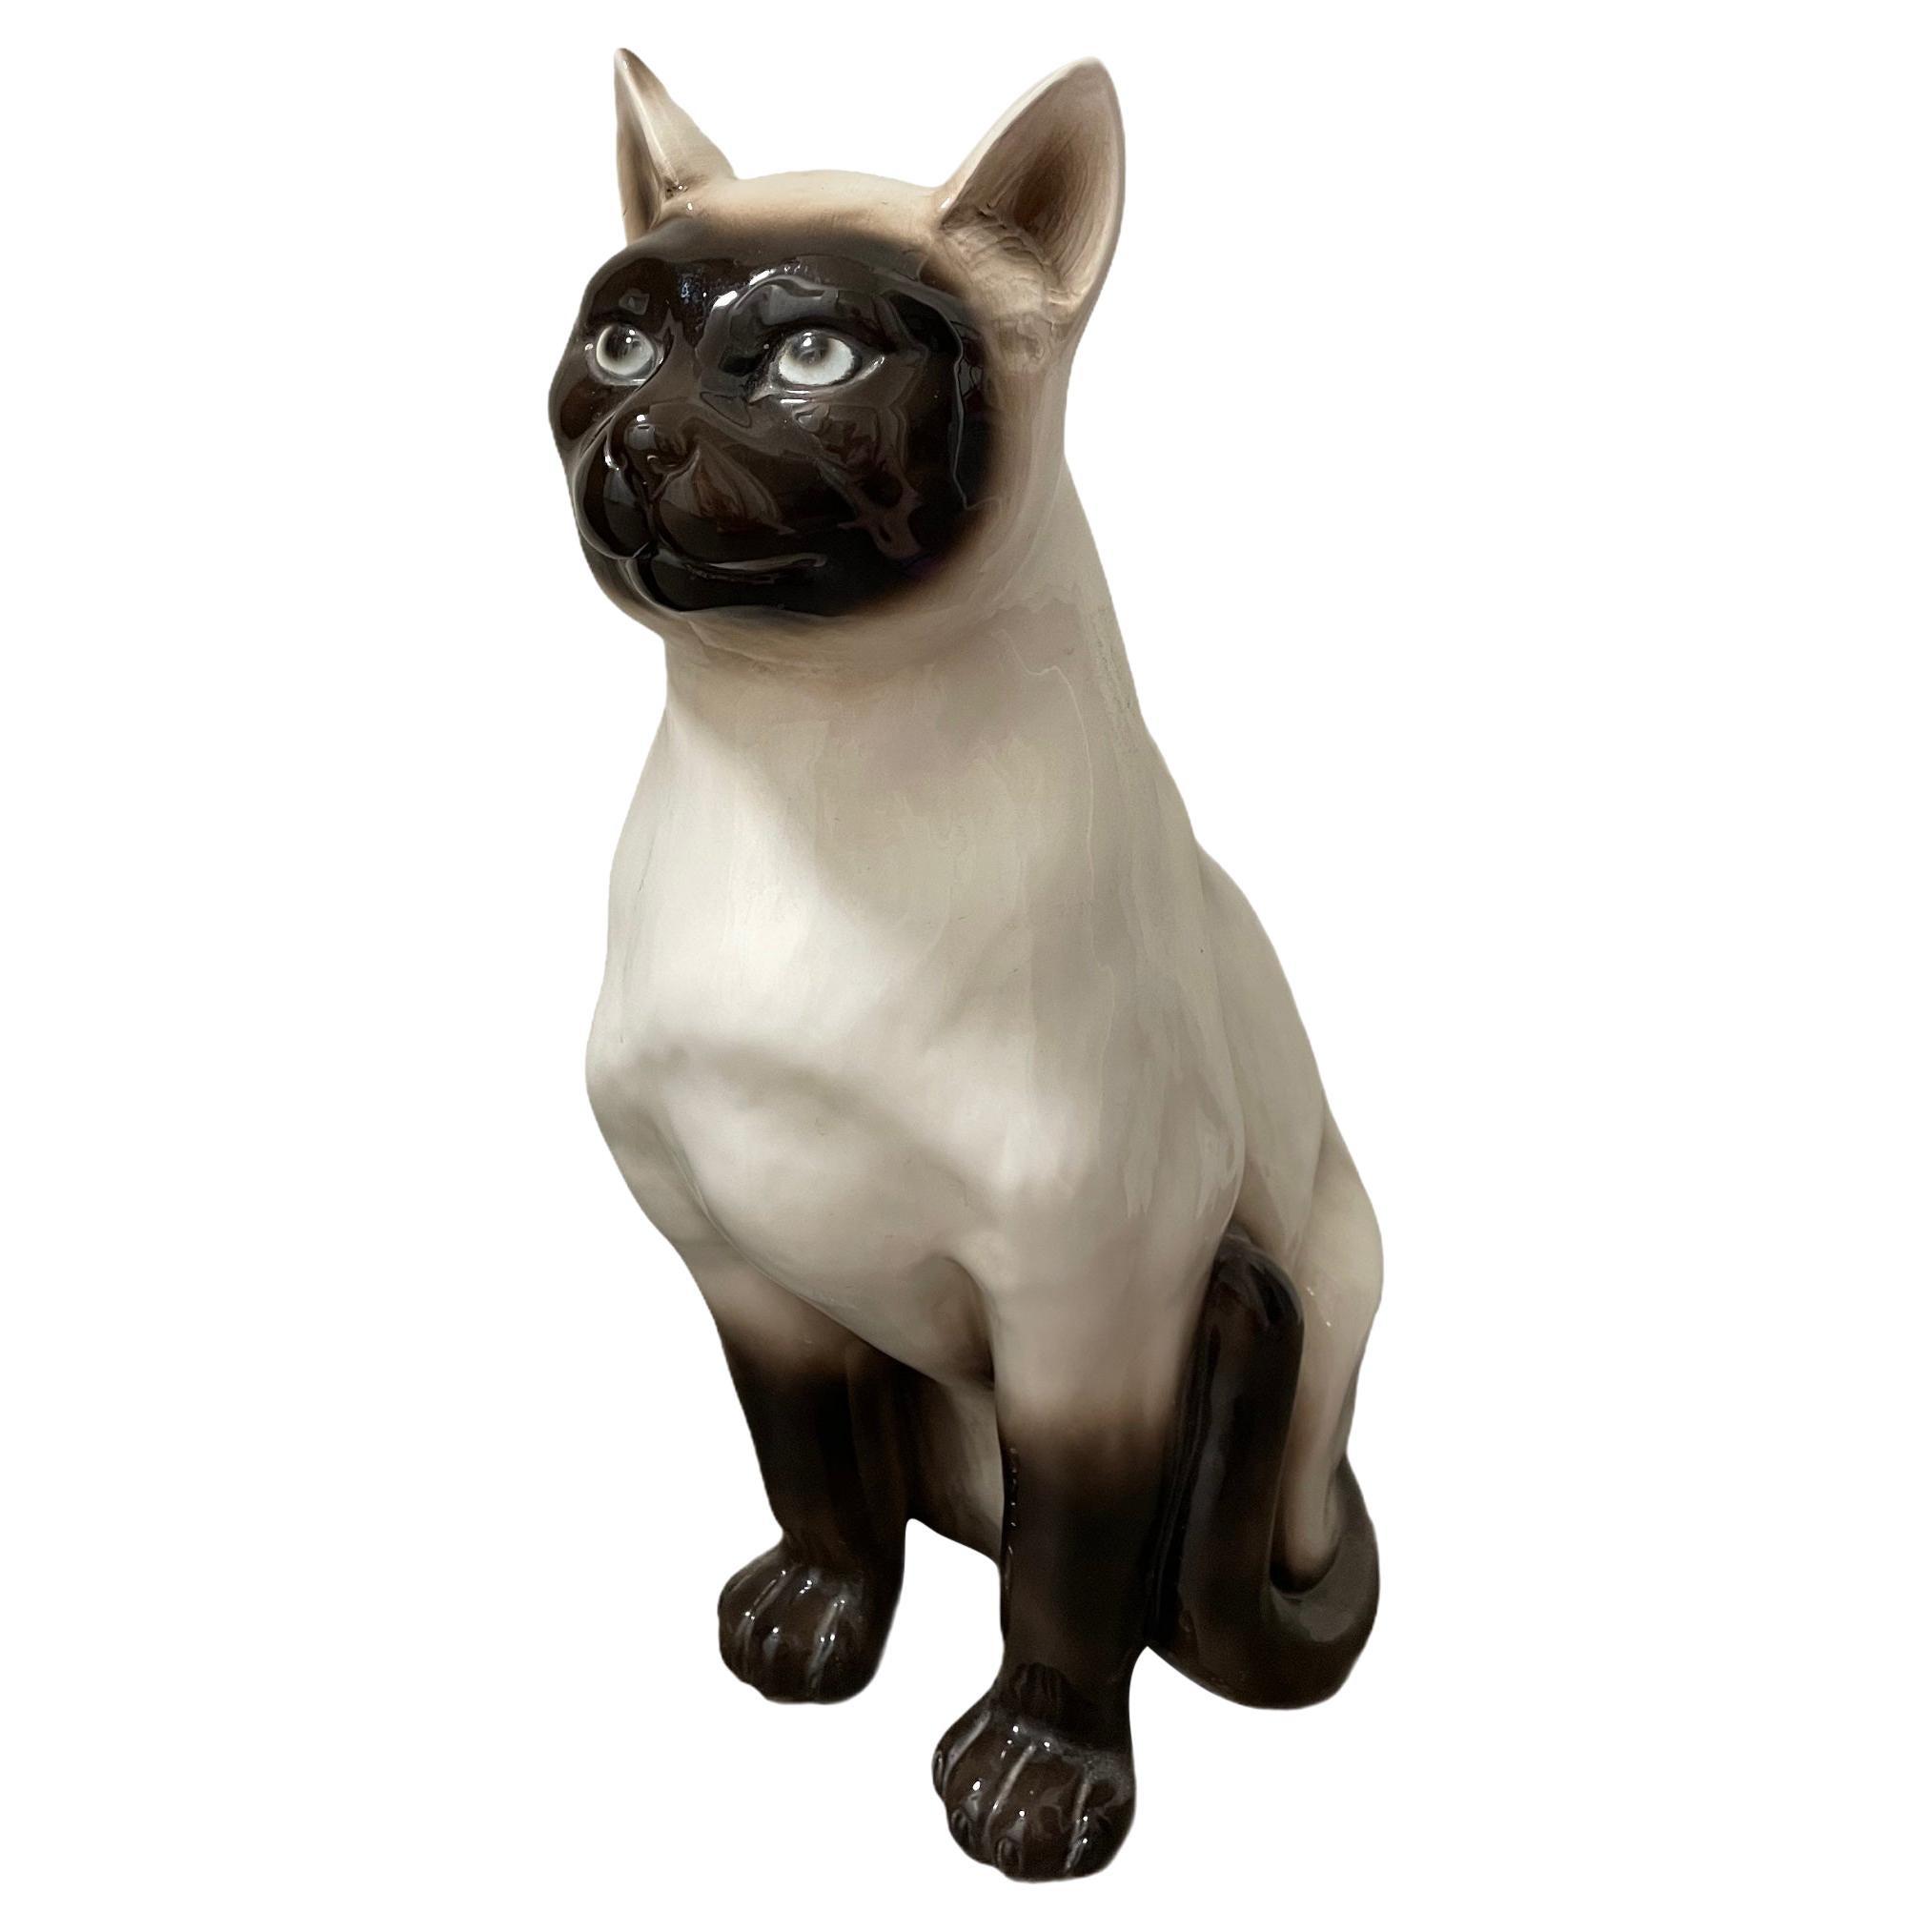 Life-Size Italian Siam Cat Majolica Ceramic Statue Figurine Vintage, 1970s